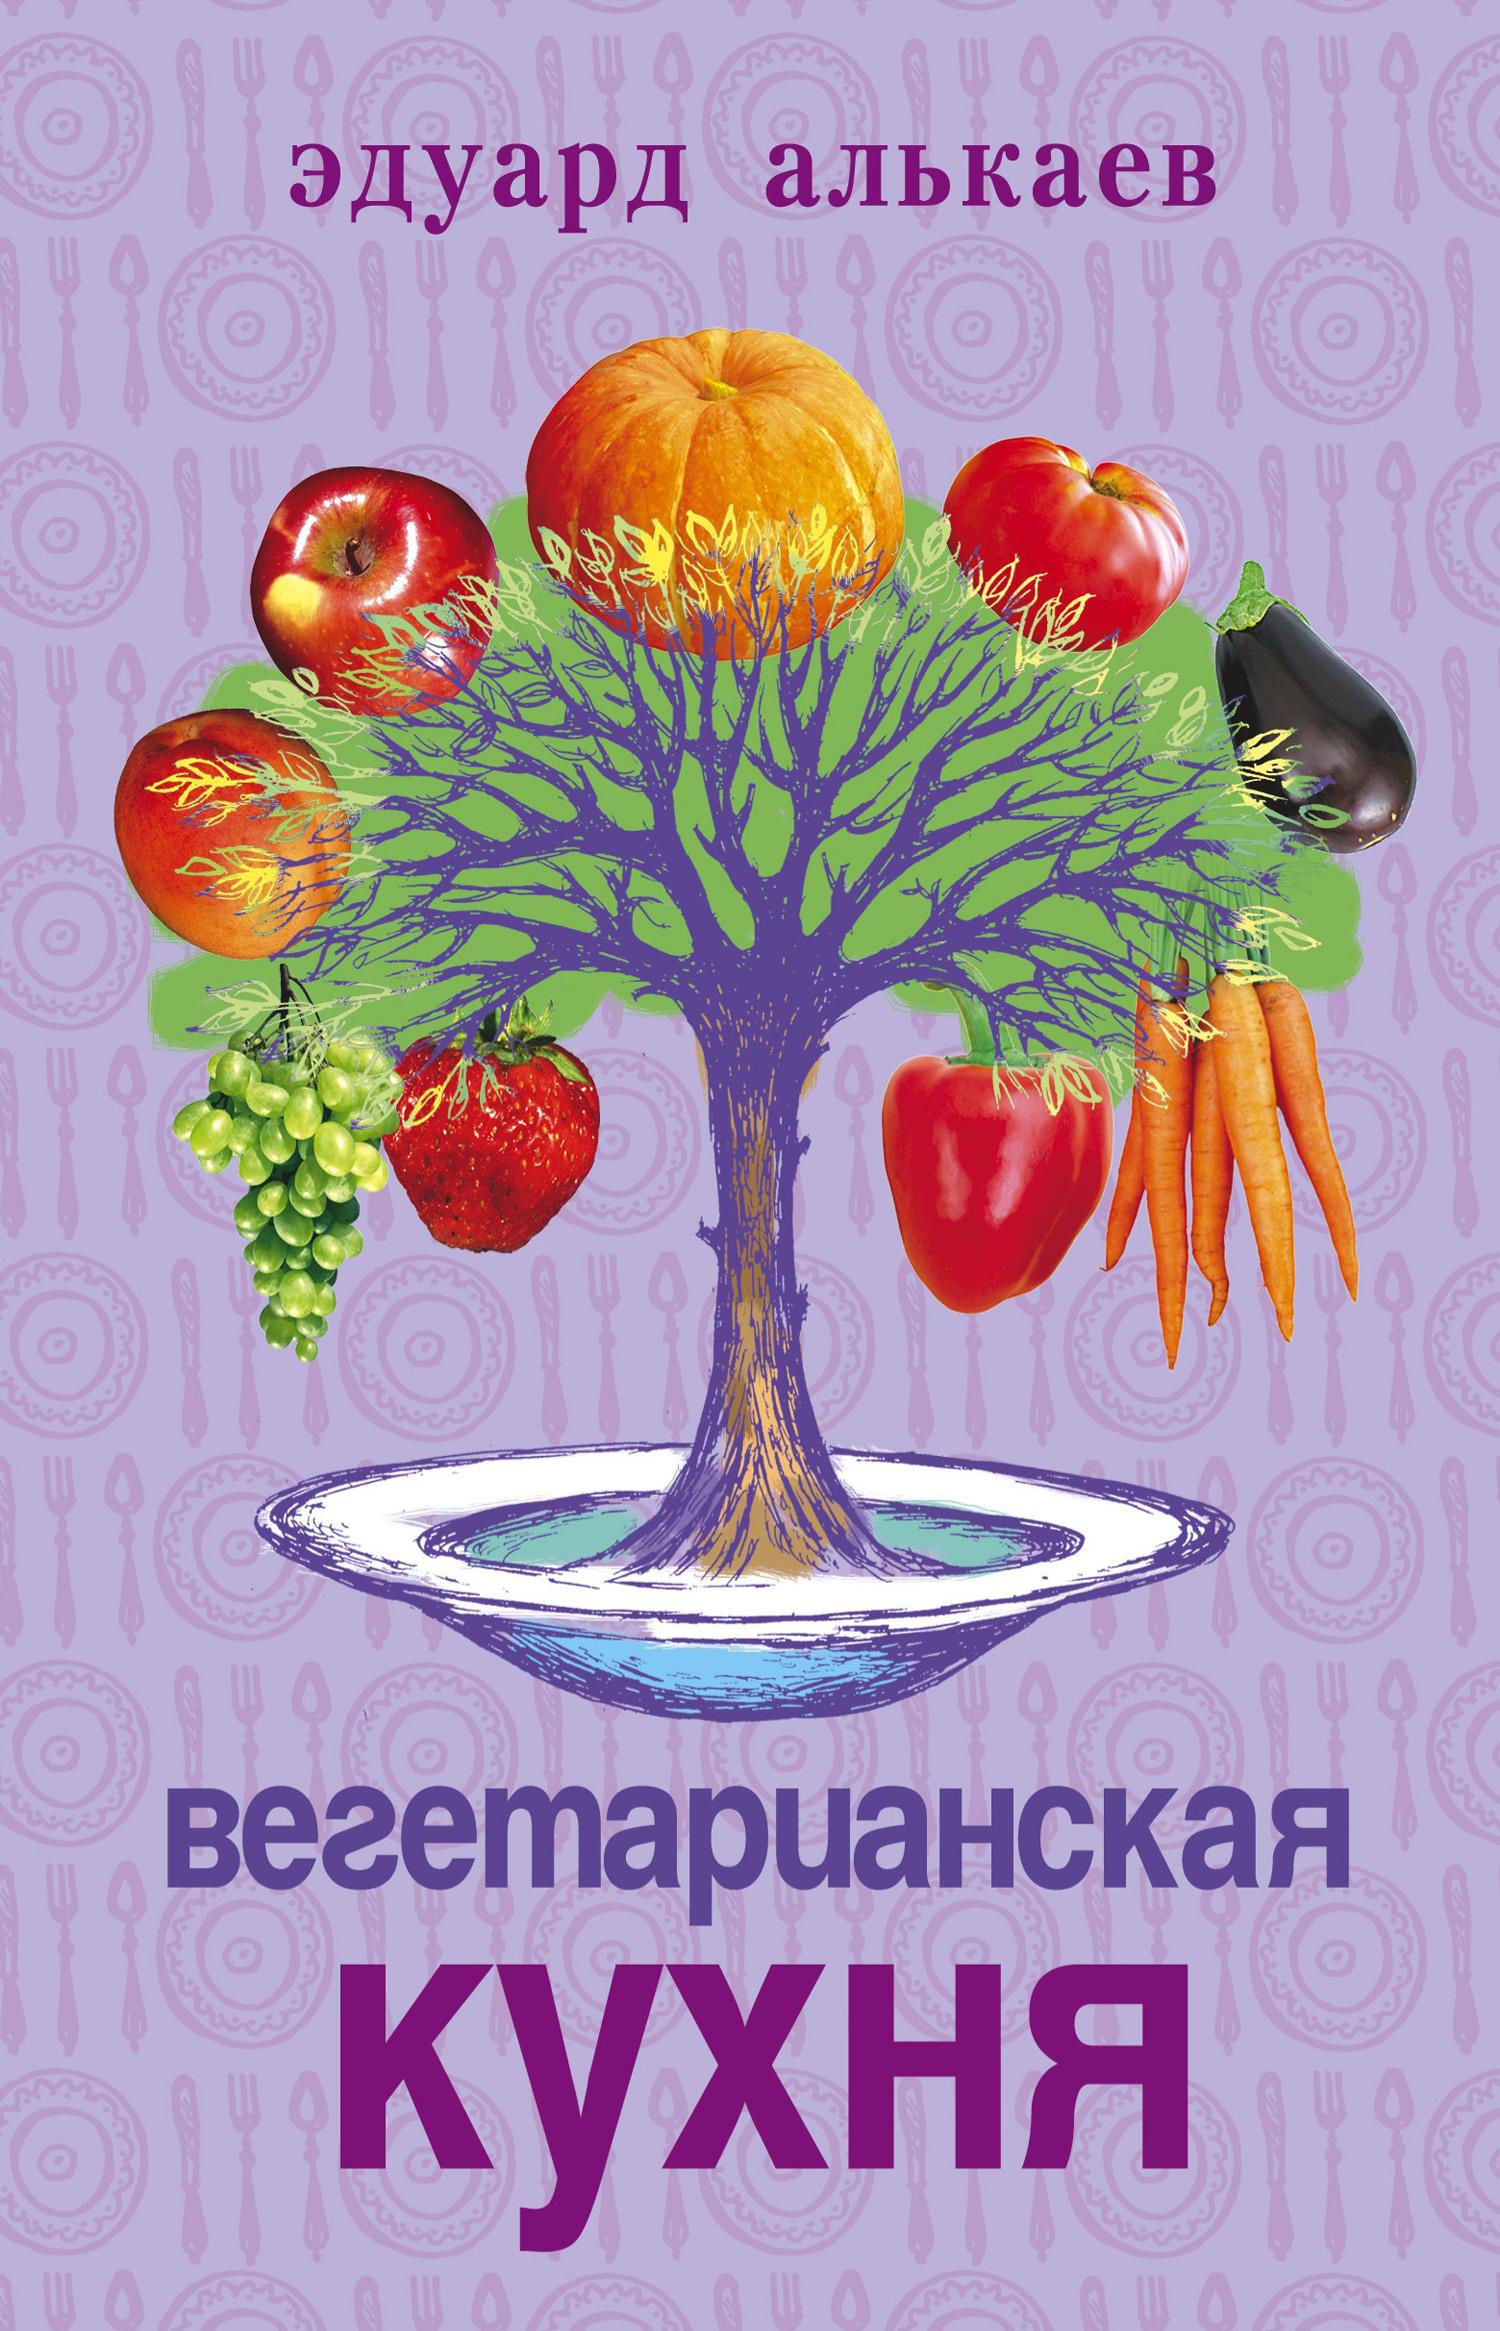 Эдуард Николаевич Алькаев Вегетарианская кухня хавала с вегетарианская кухня для чайников